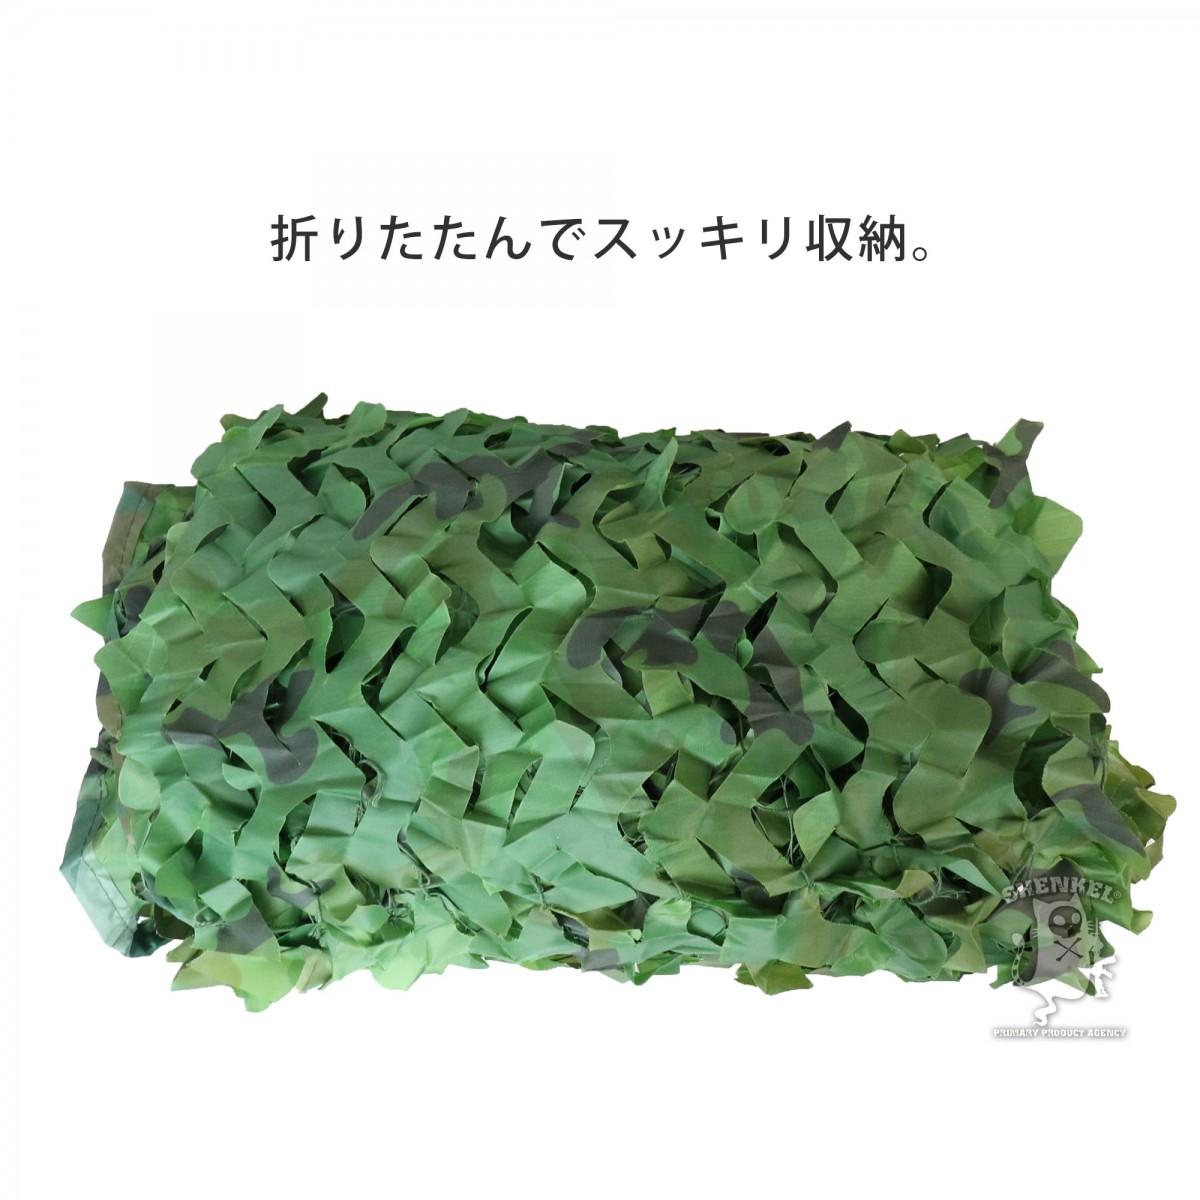 SHENKEL カモフラージュネット 4m メッシュ加工 サンシェード ギリーネット アウトドア  ナイロンメッシュ(紐)付き 3x4m